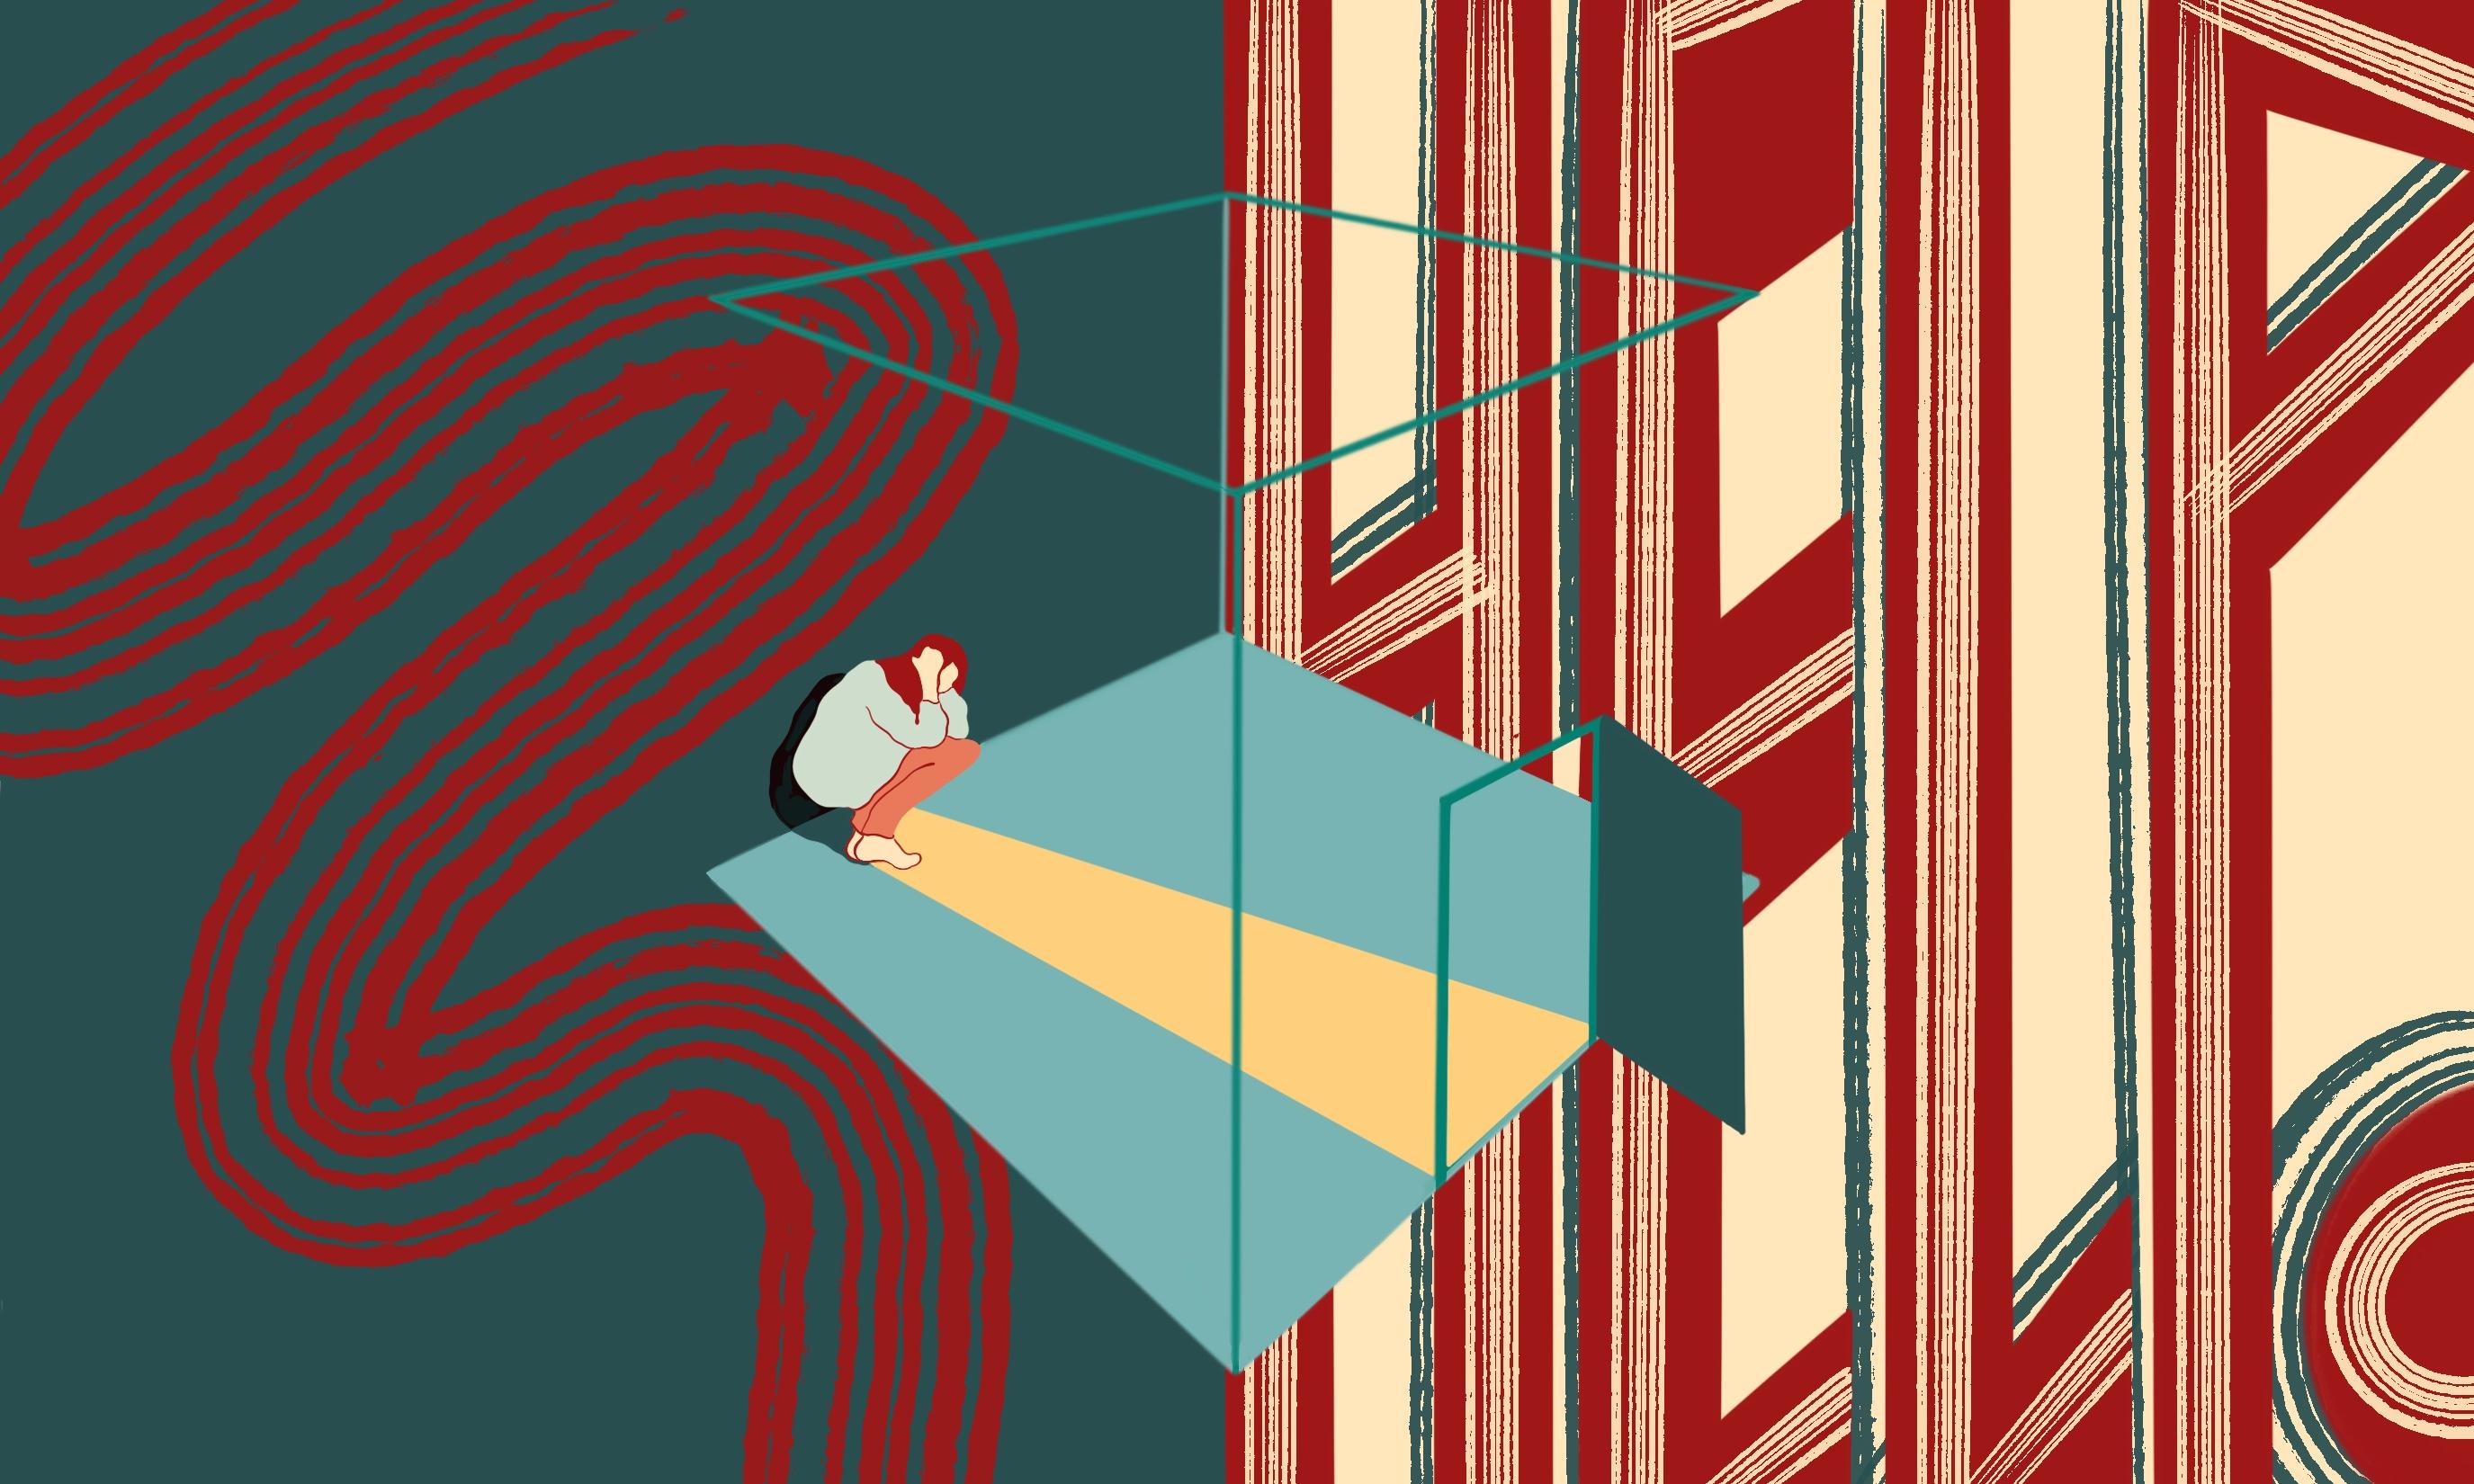 Иллюстрация — Deborah Han.